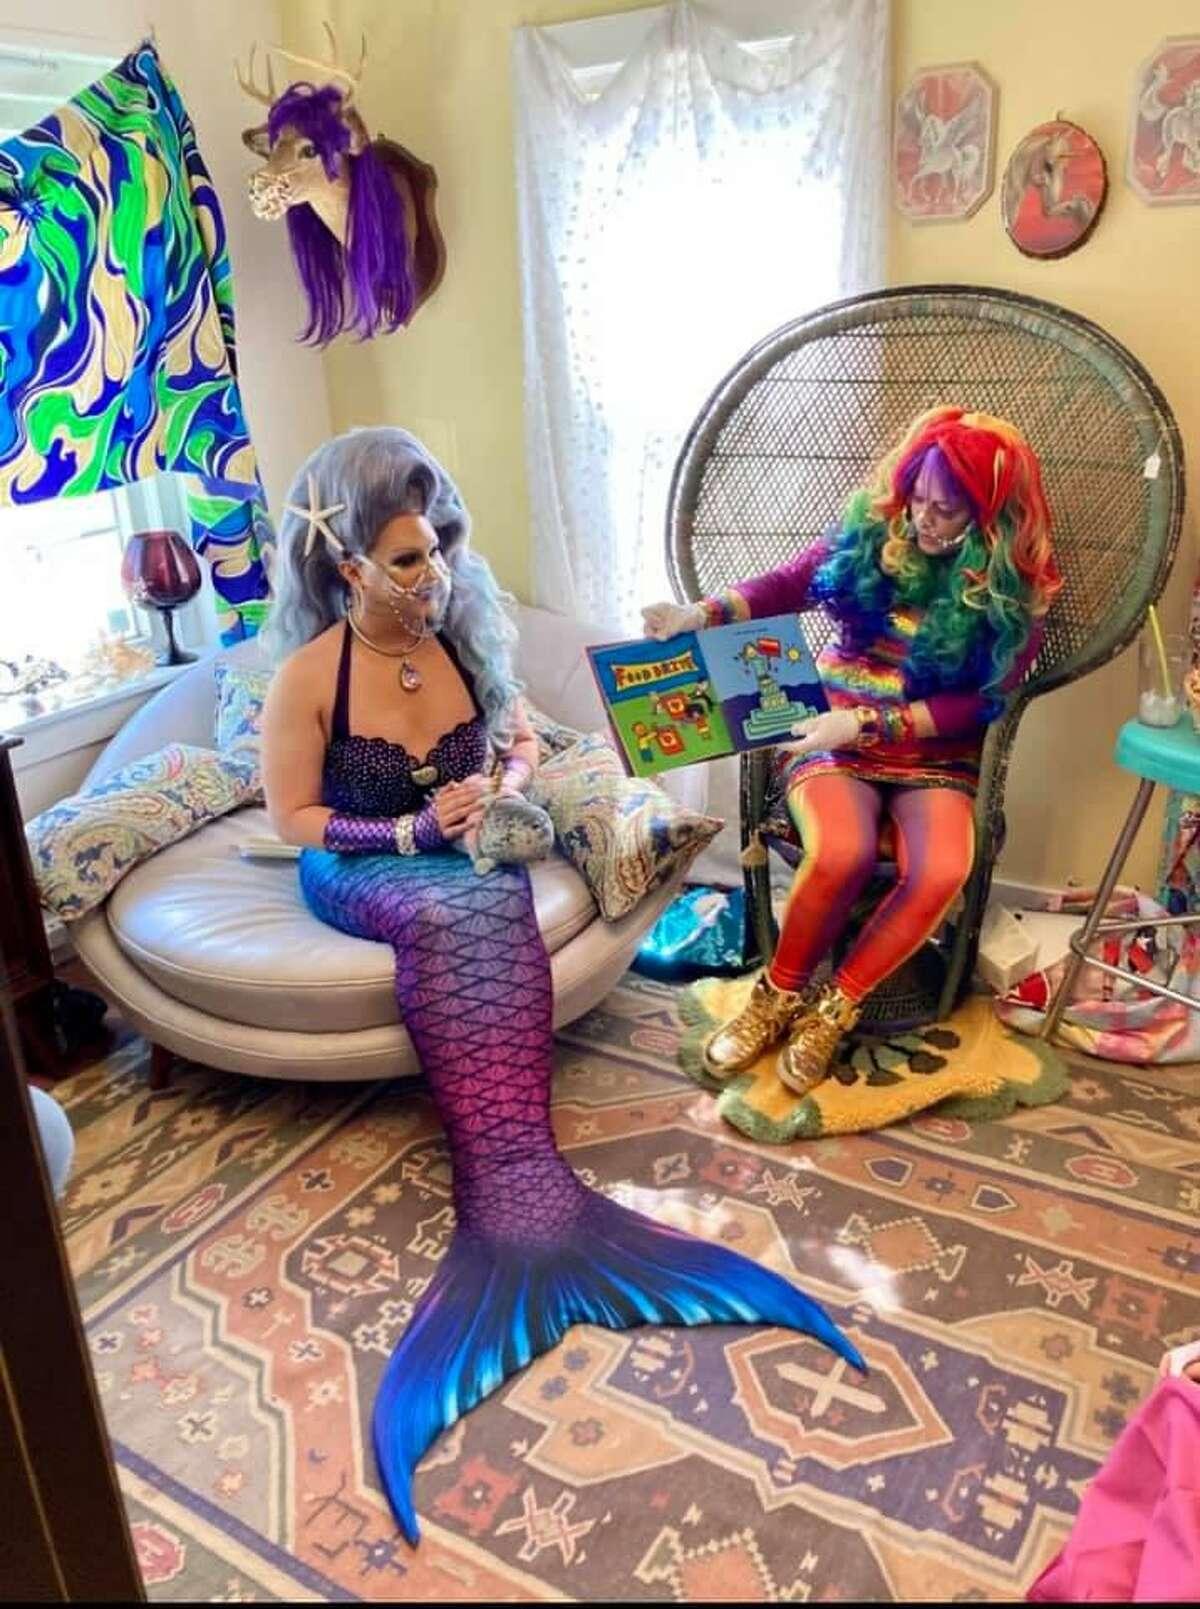 Mermaid Queen Bella Noche and Kaleidoscope Kali